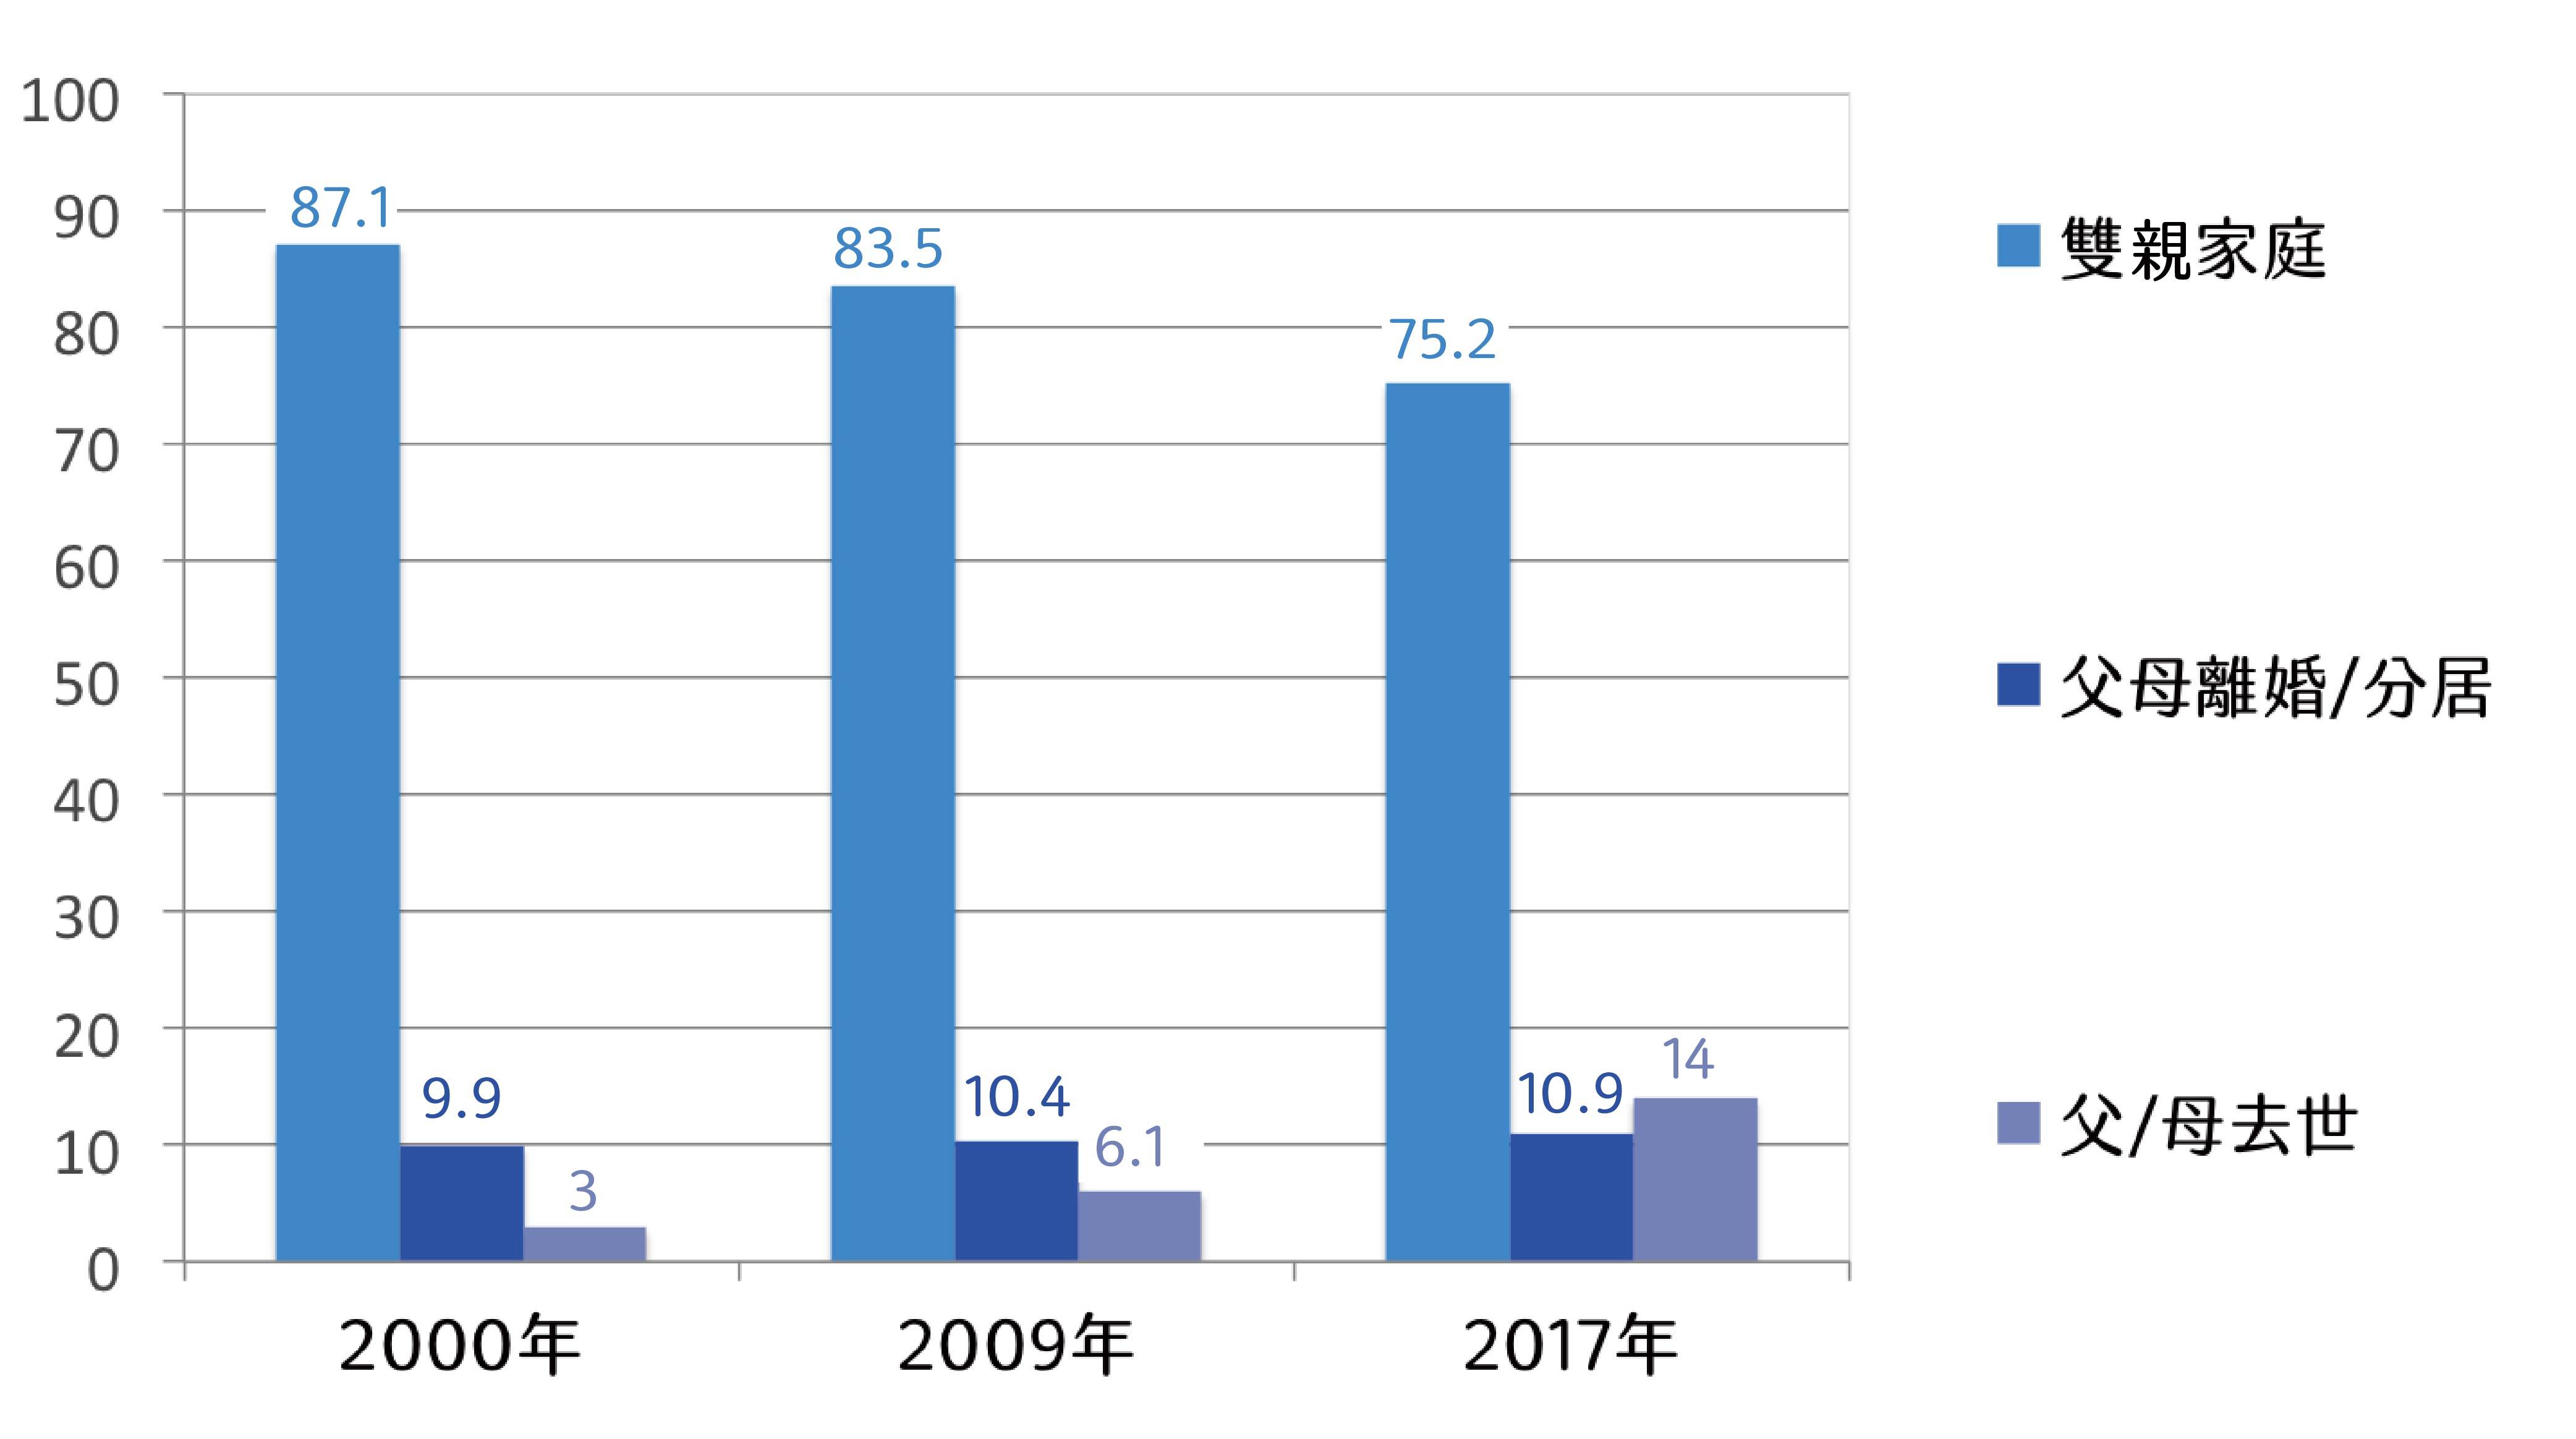 2000-2017 年家庭結構(樣本平均 13 歲、22 歲、31 歲)資料來源│伊慶春圖表美化│林洵安